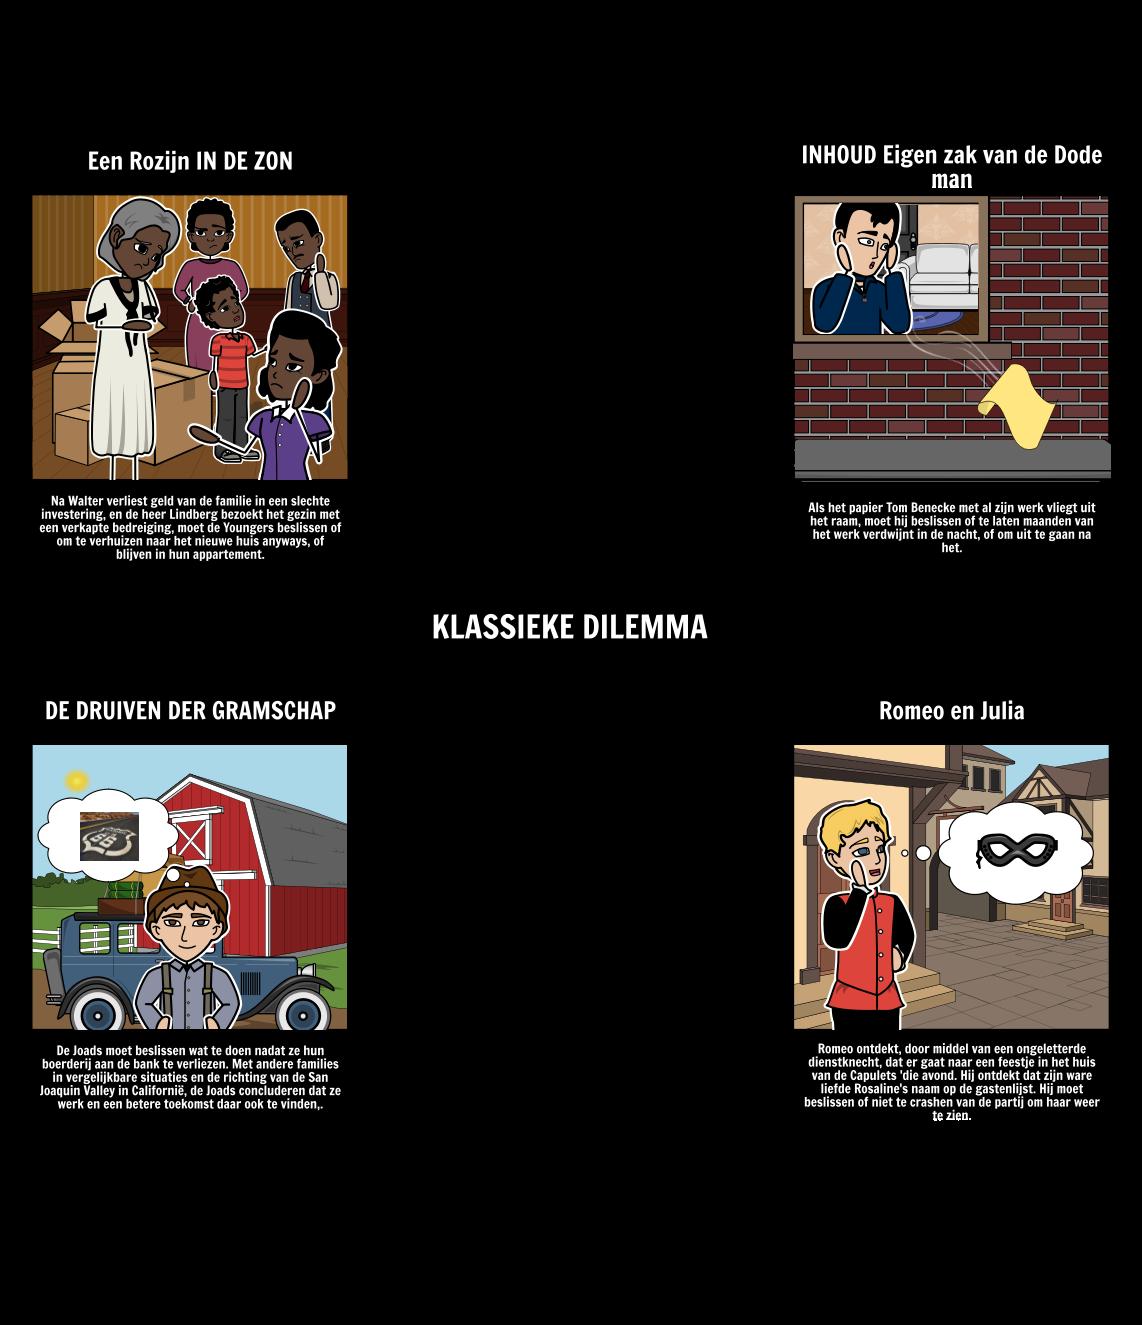 Voorbeelden van Classical Dilemma's in Literature